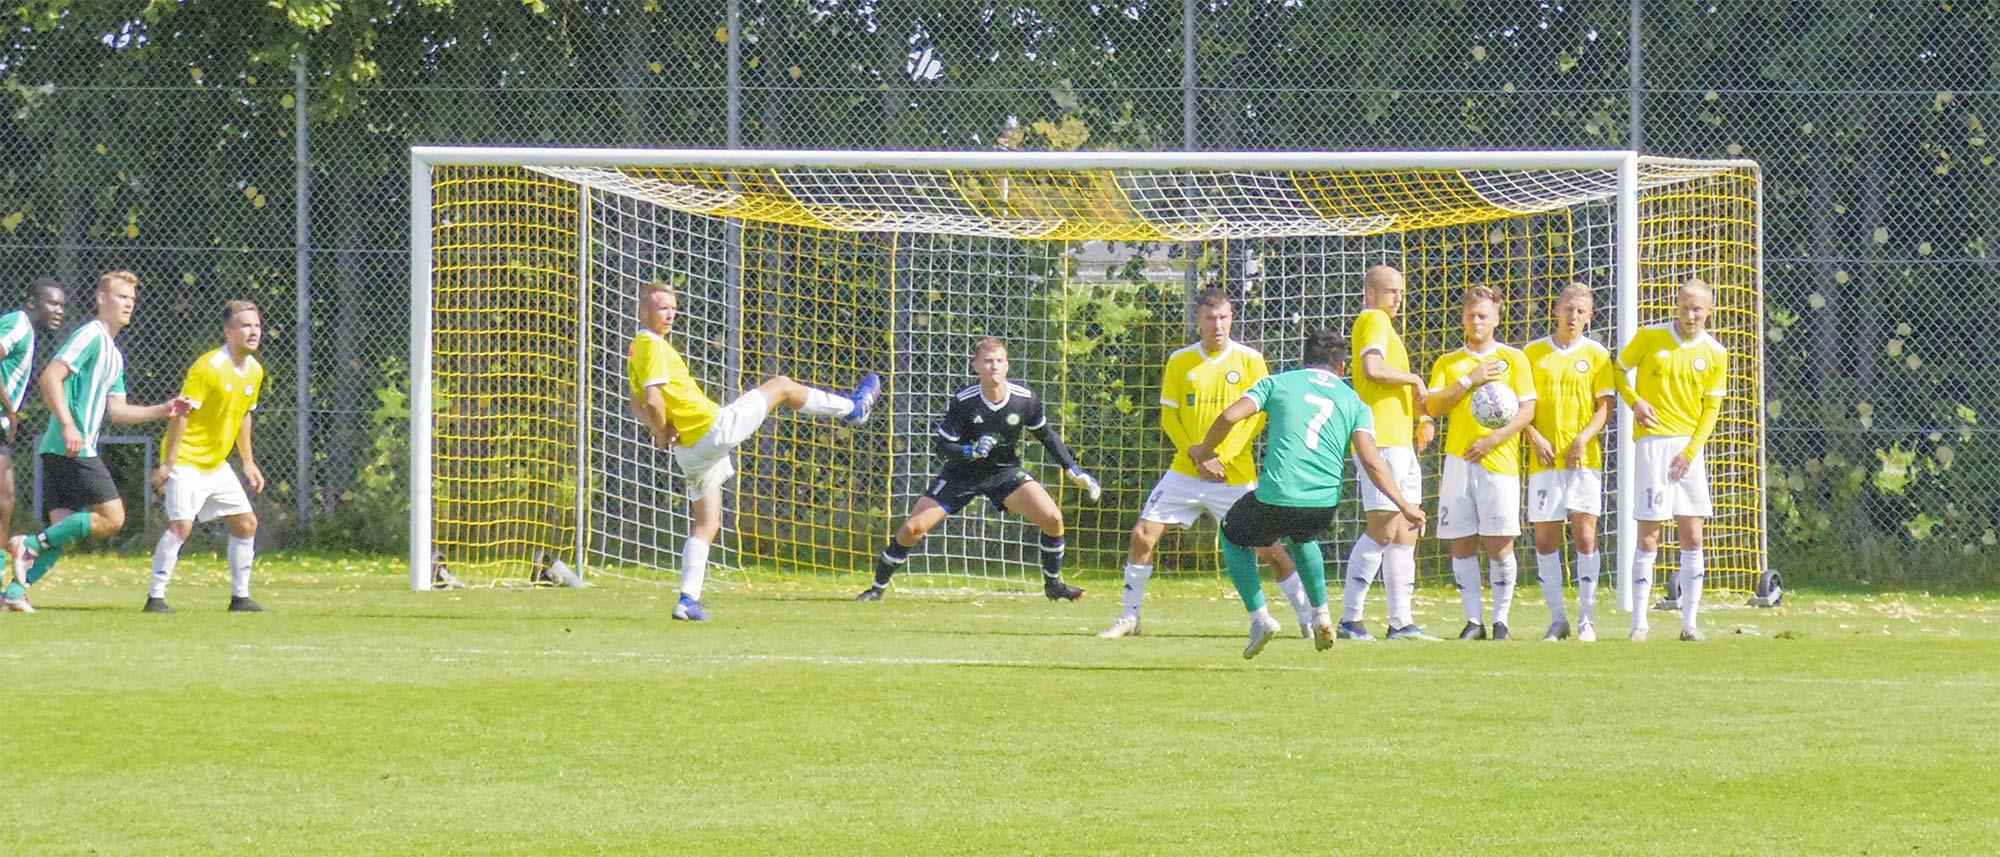 Et BBK-frispark rammer Mikkel Merser i muren – og bolden går over mål.